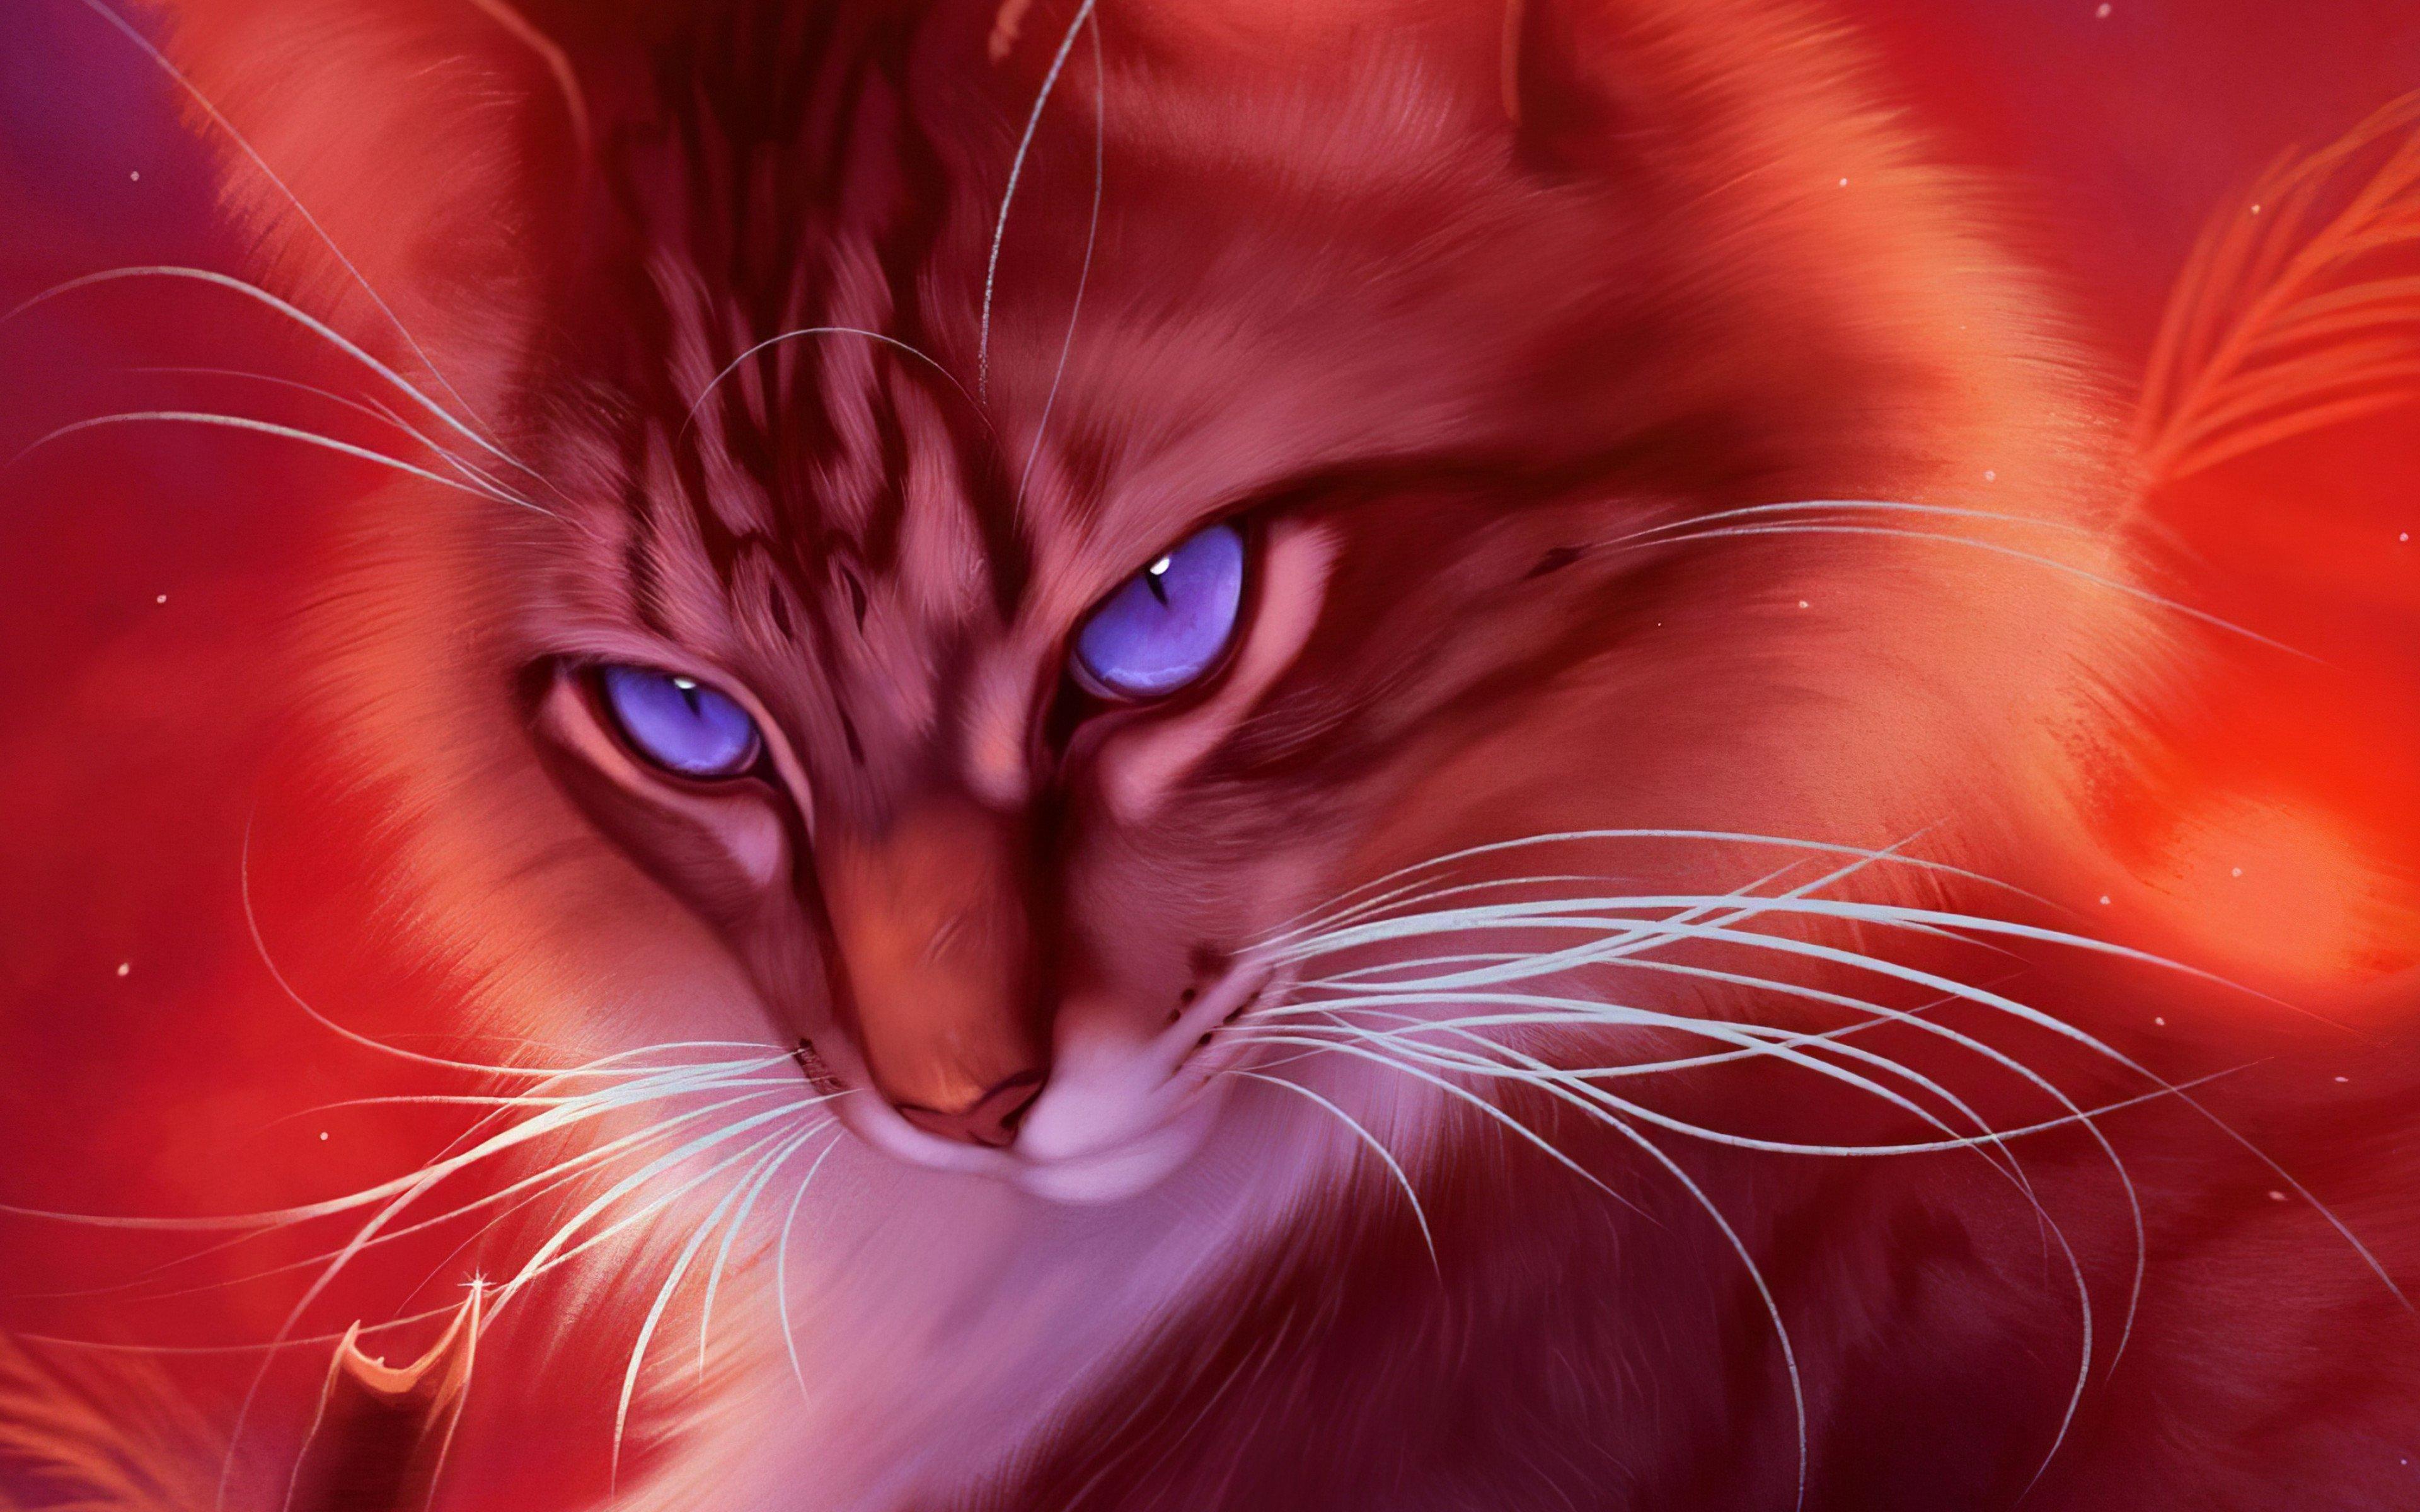 Wallpaper Cat Artwork